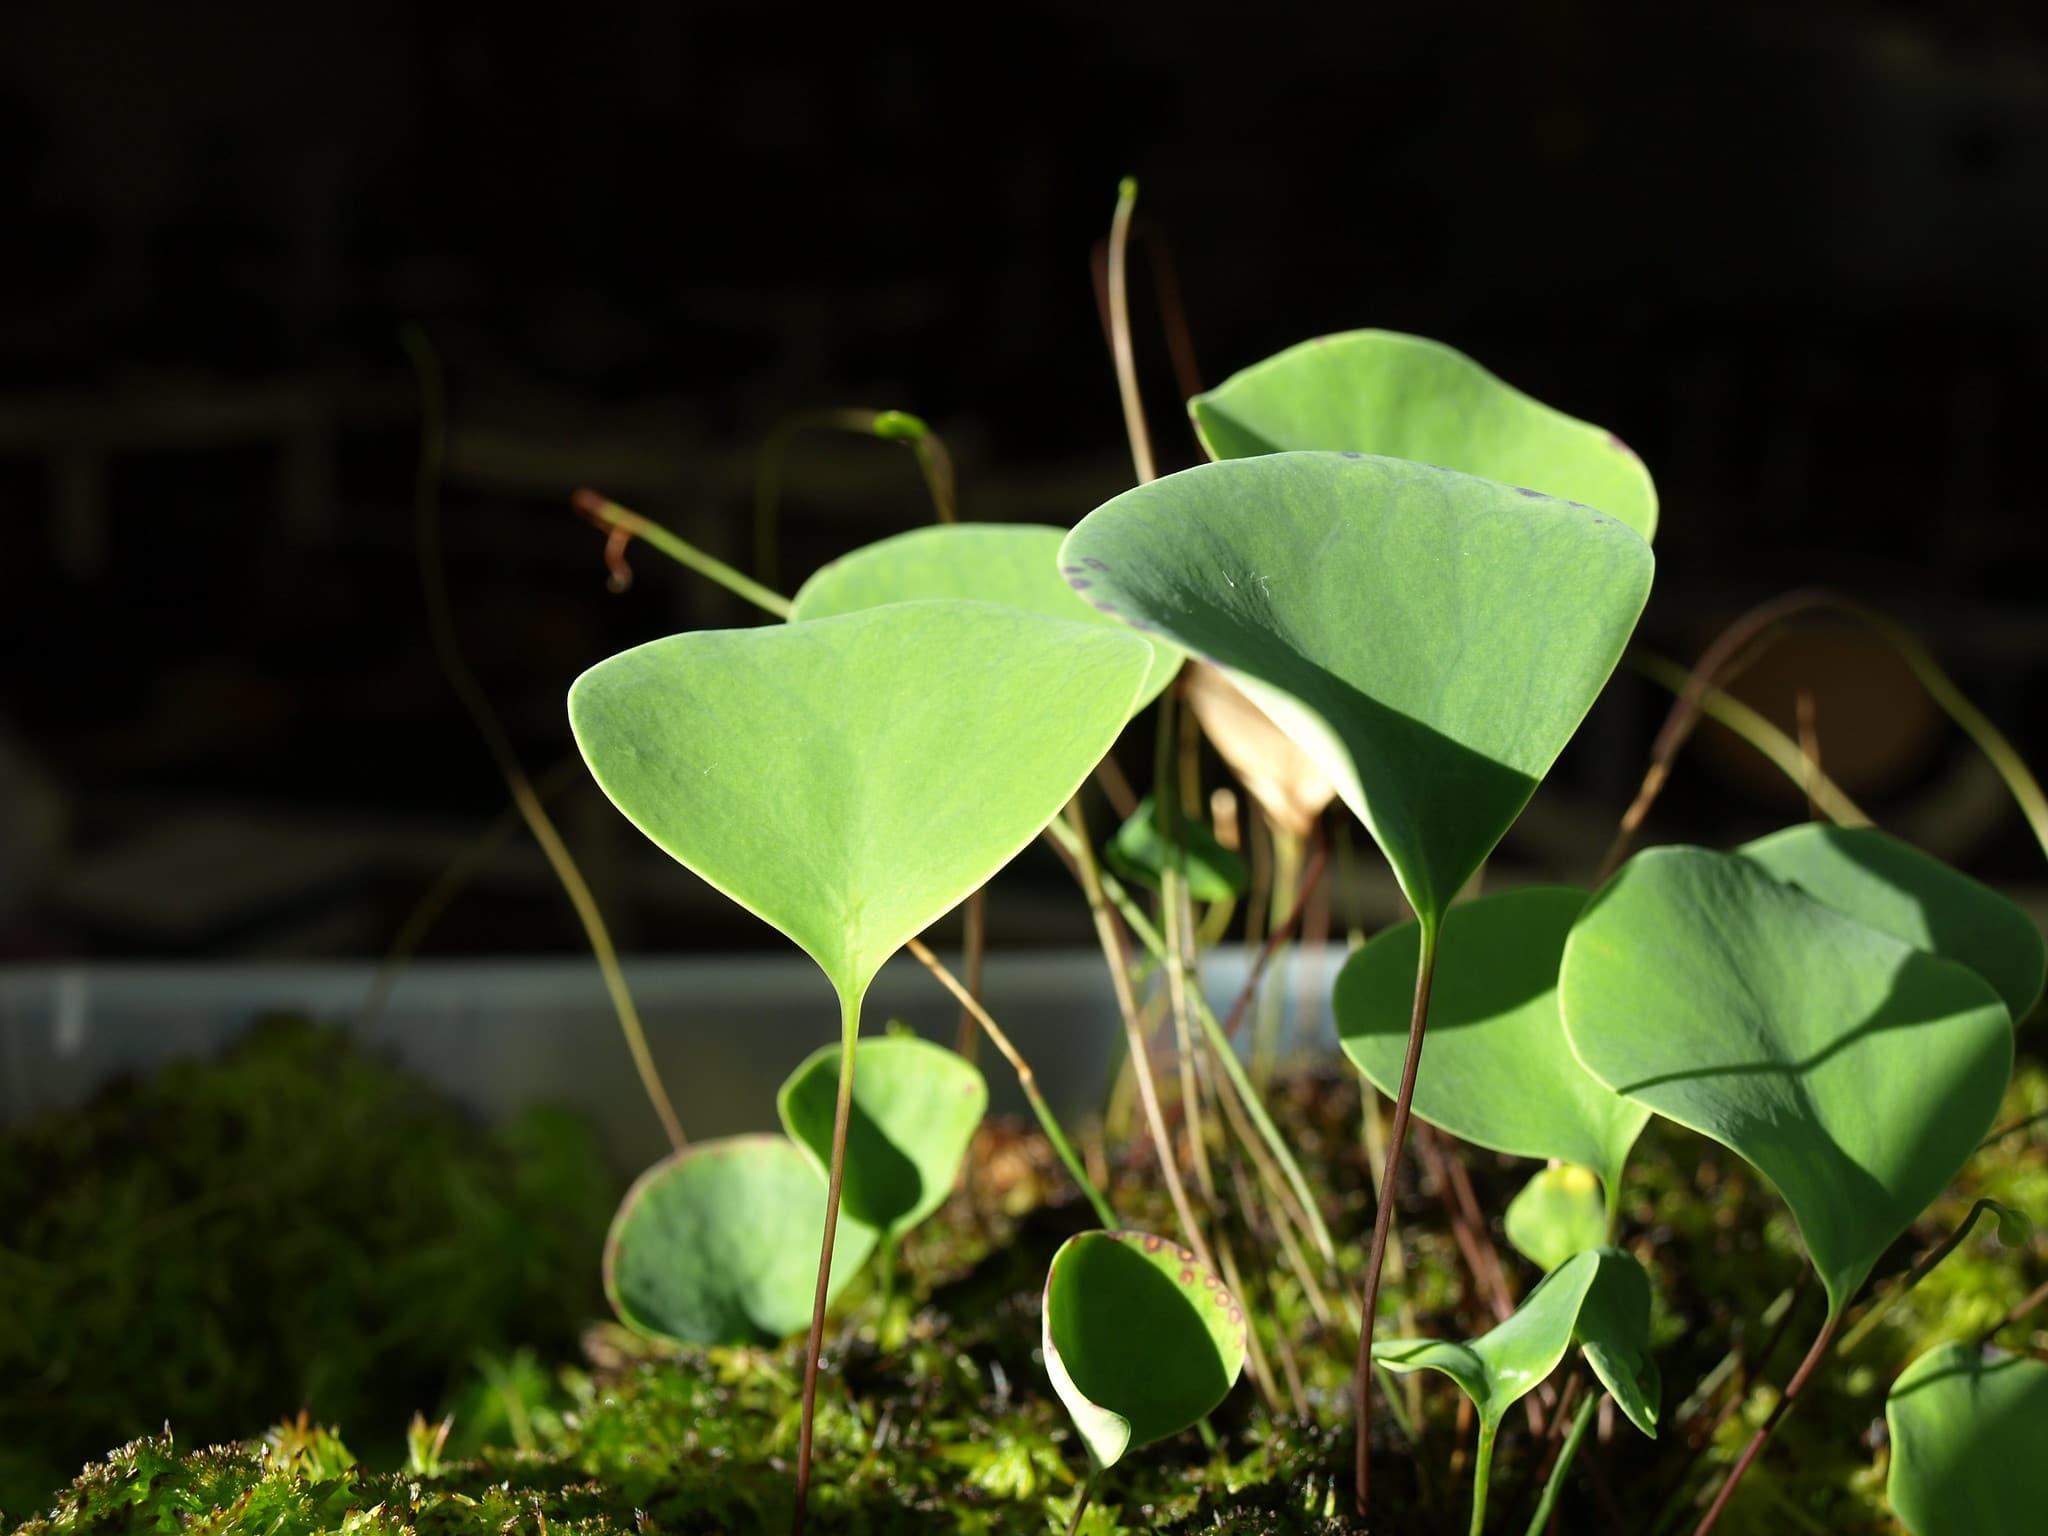 Vista de las hojas de la Utricularia humboldtii